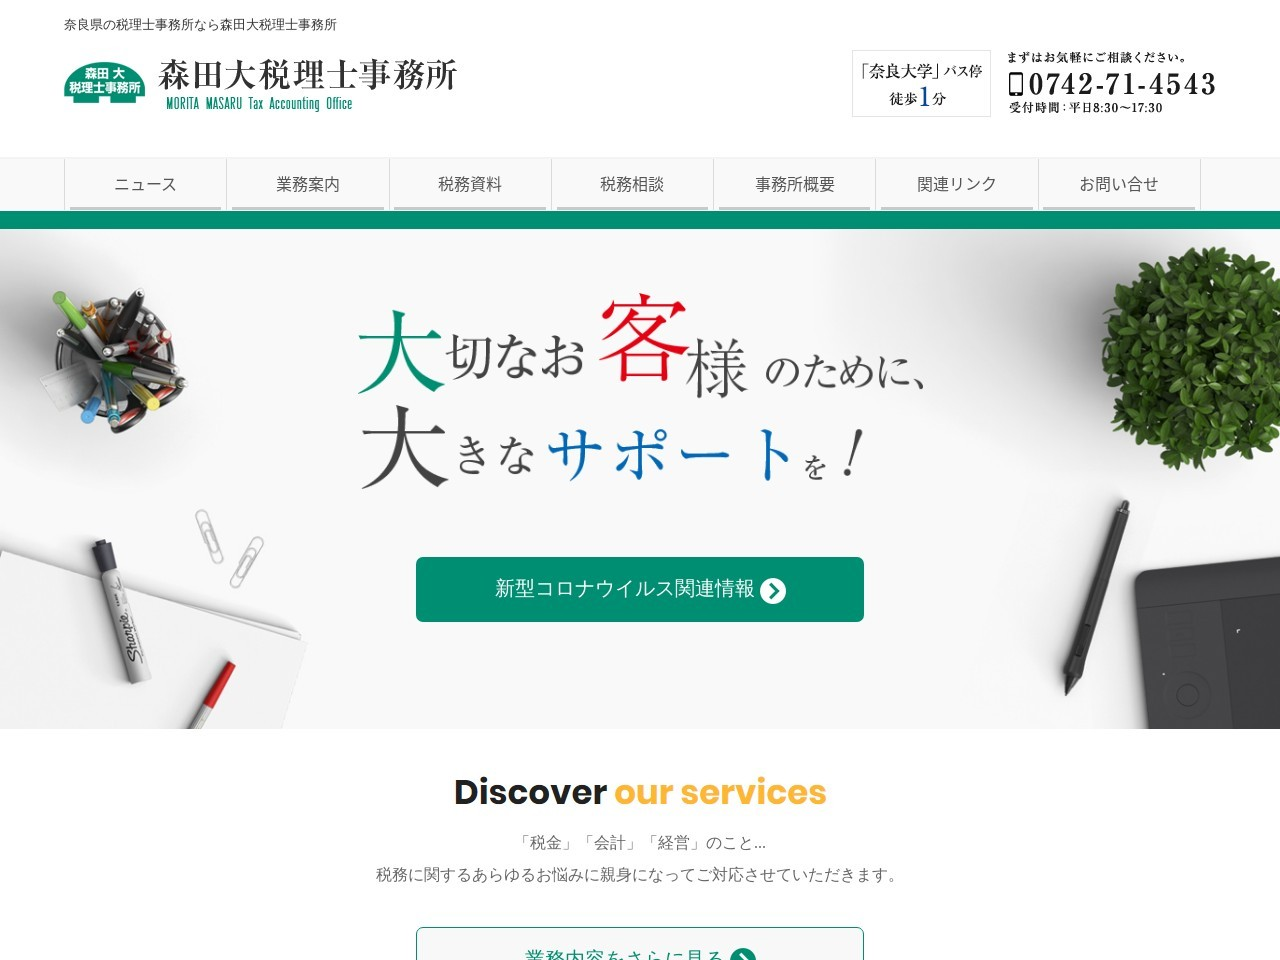 森田大税理士事務所